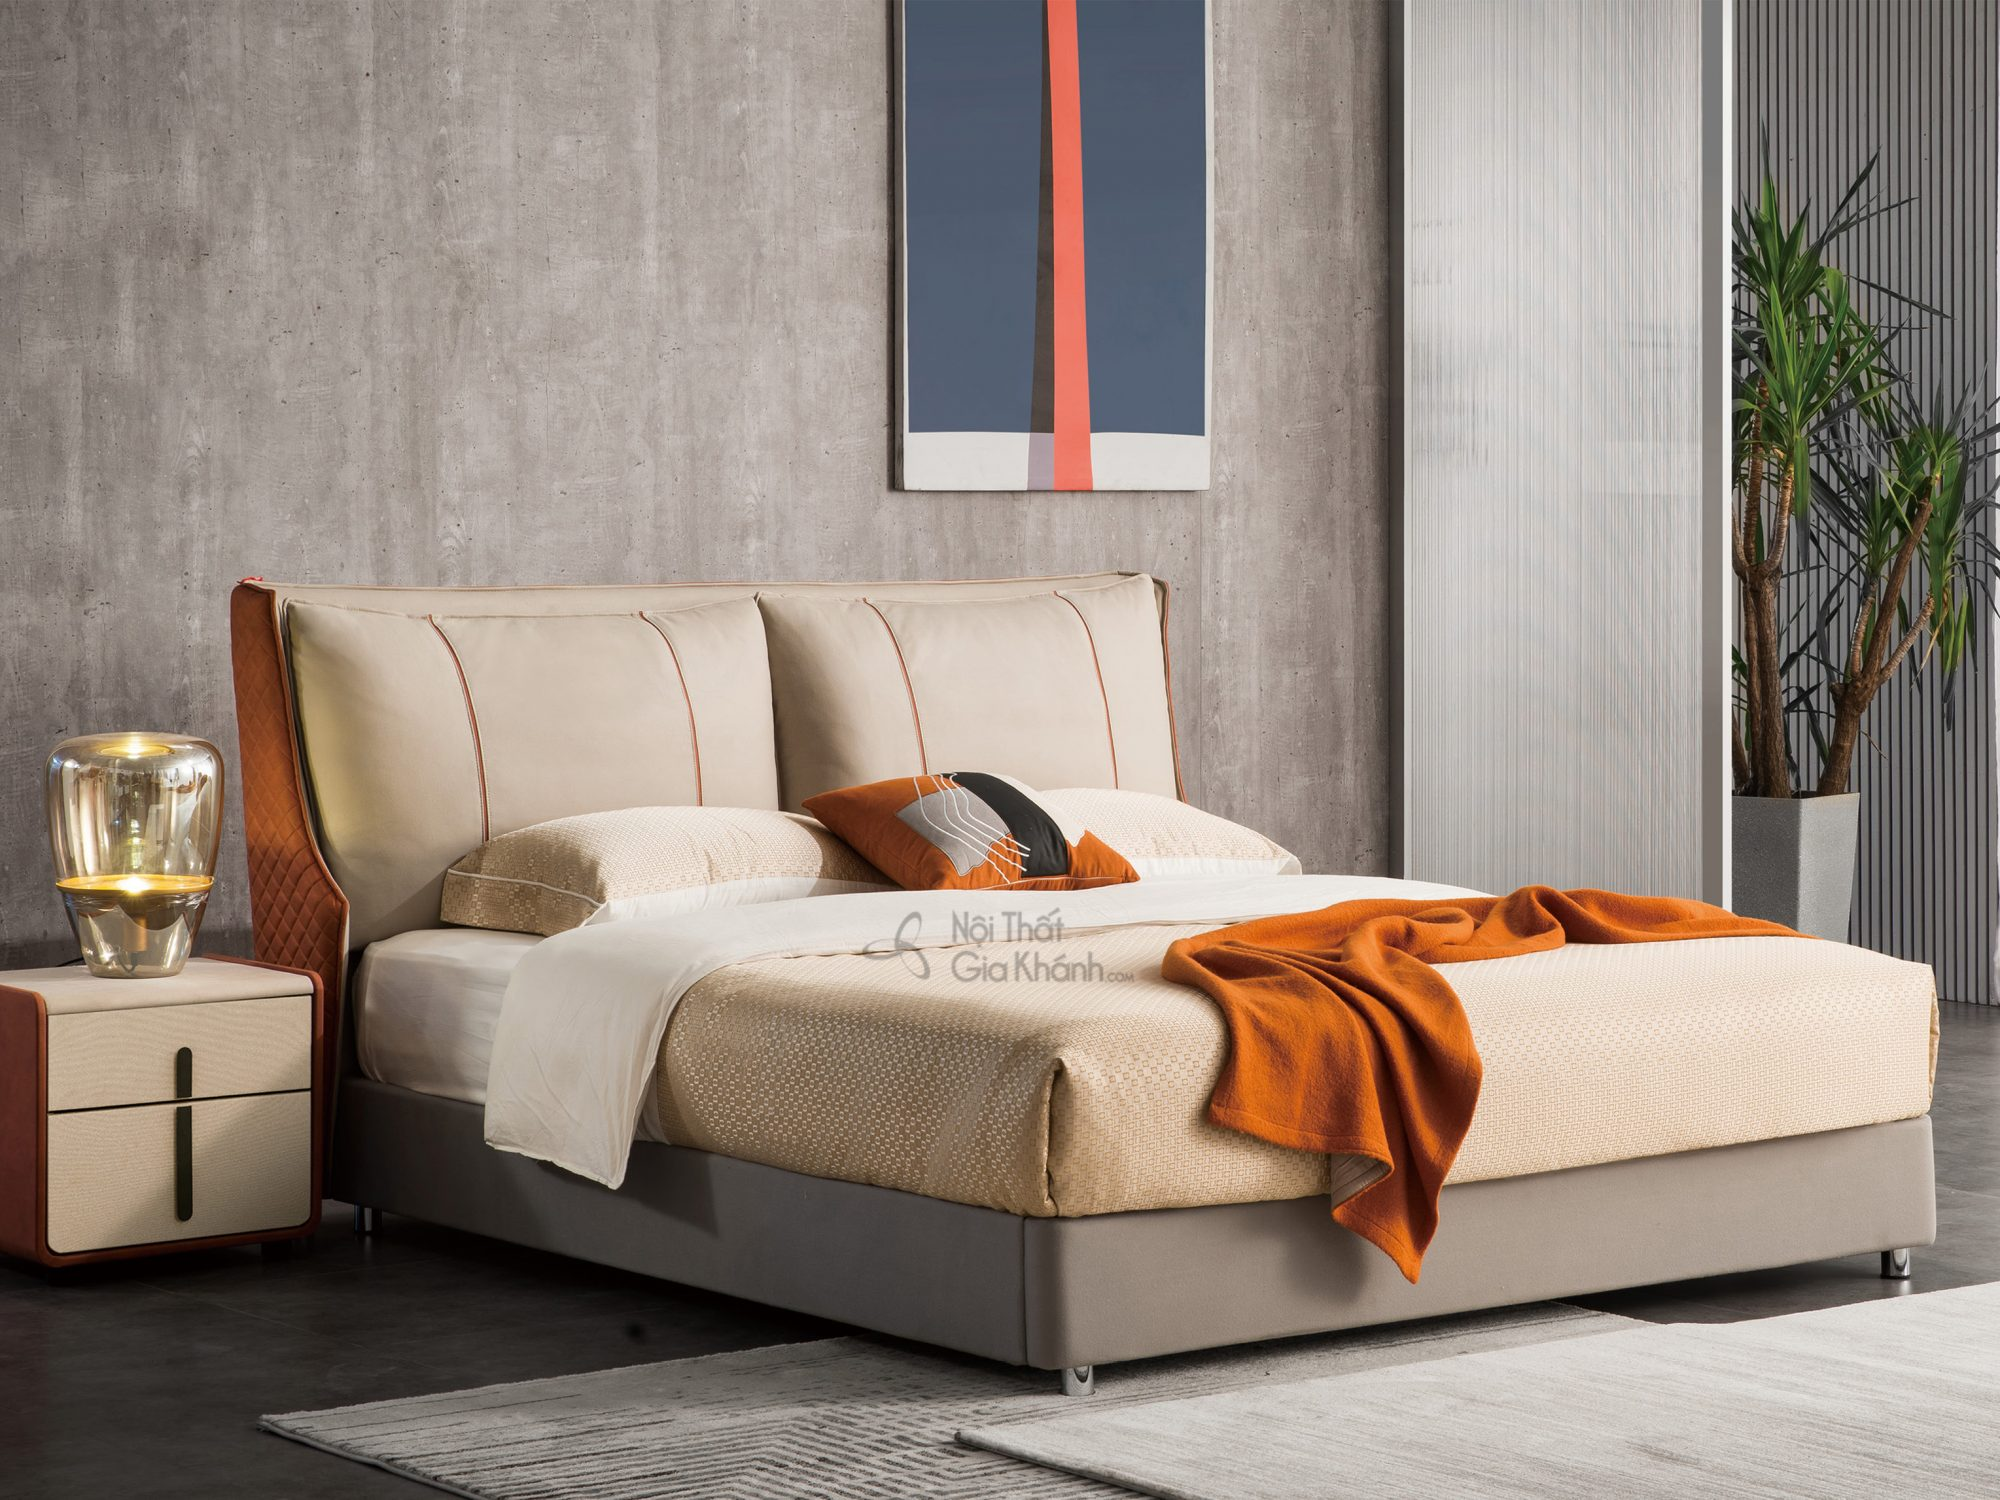 Tủ đầu giường gỗ sồi cao cấp TALH700